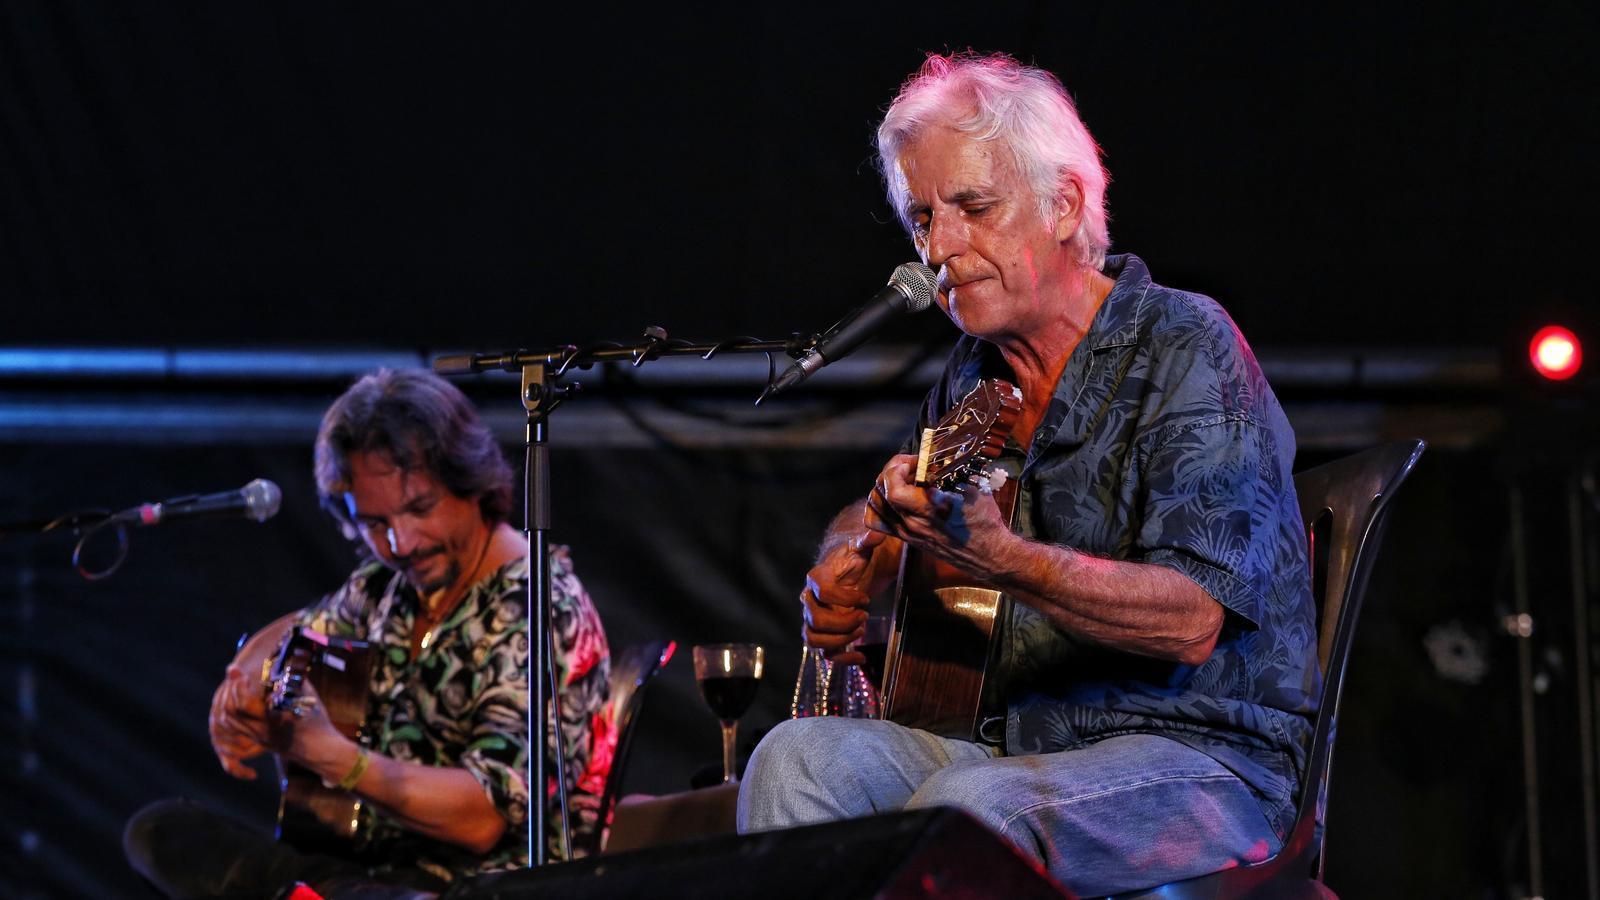 Diego Pozo, 'Ratón', i Kiko Veneno durant el concert a l'amfiteatre del Parc del Fòrum.